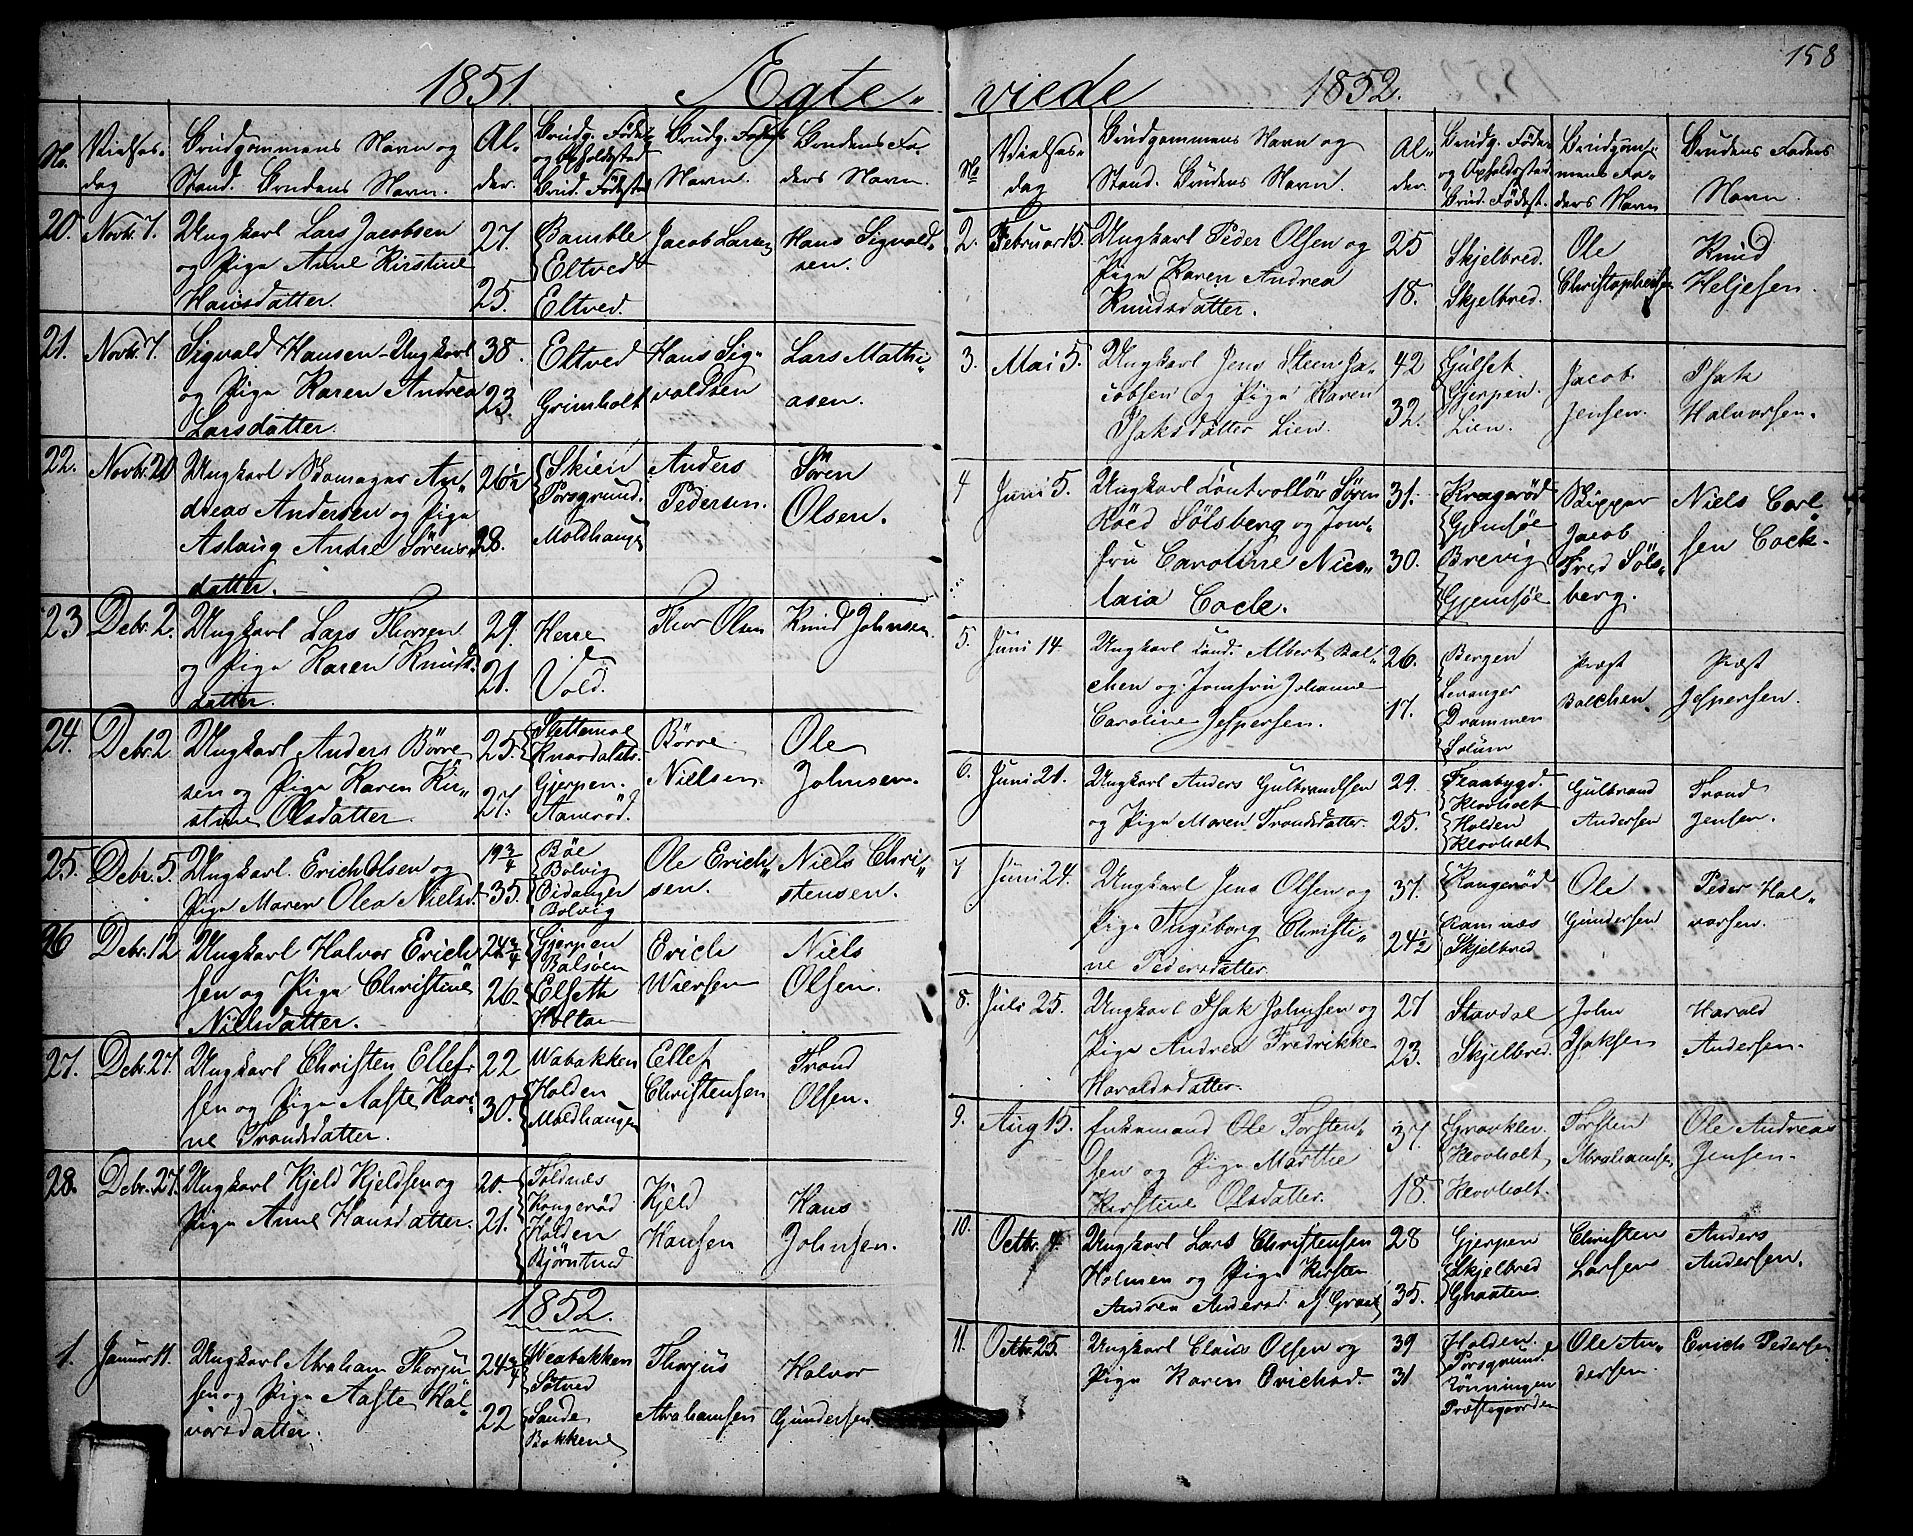 SAKO, Solum kirkebøker, G/Ga/L0003: Klokkerbok nr. I 3, 1848-1859, s. 158